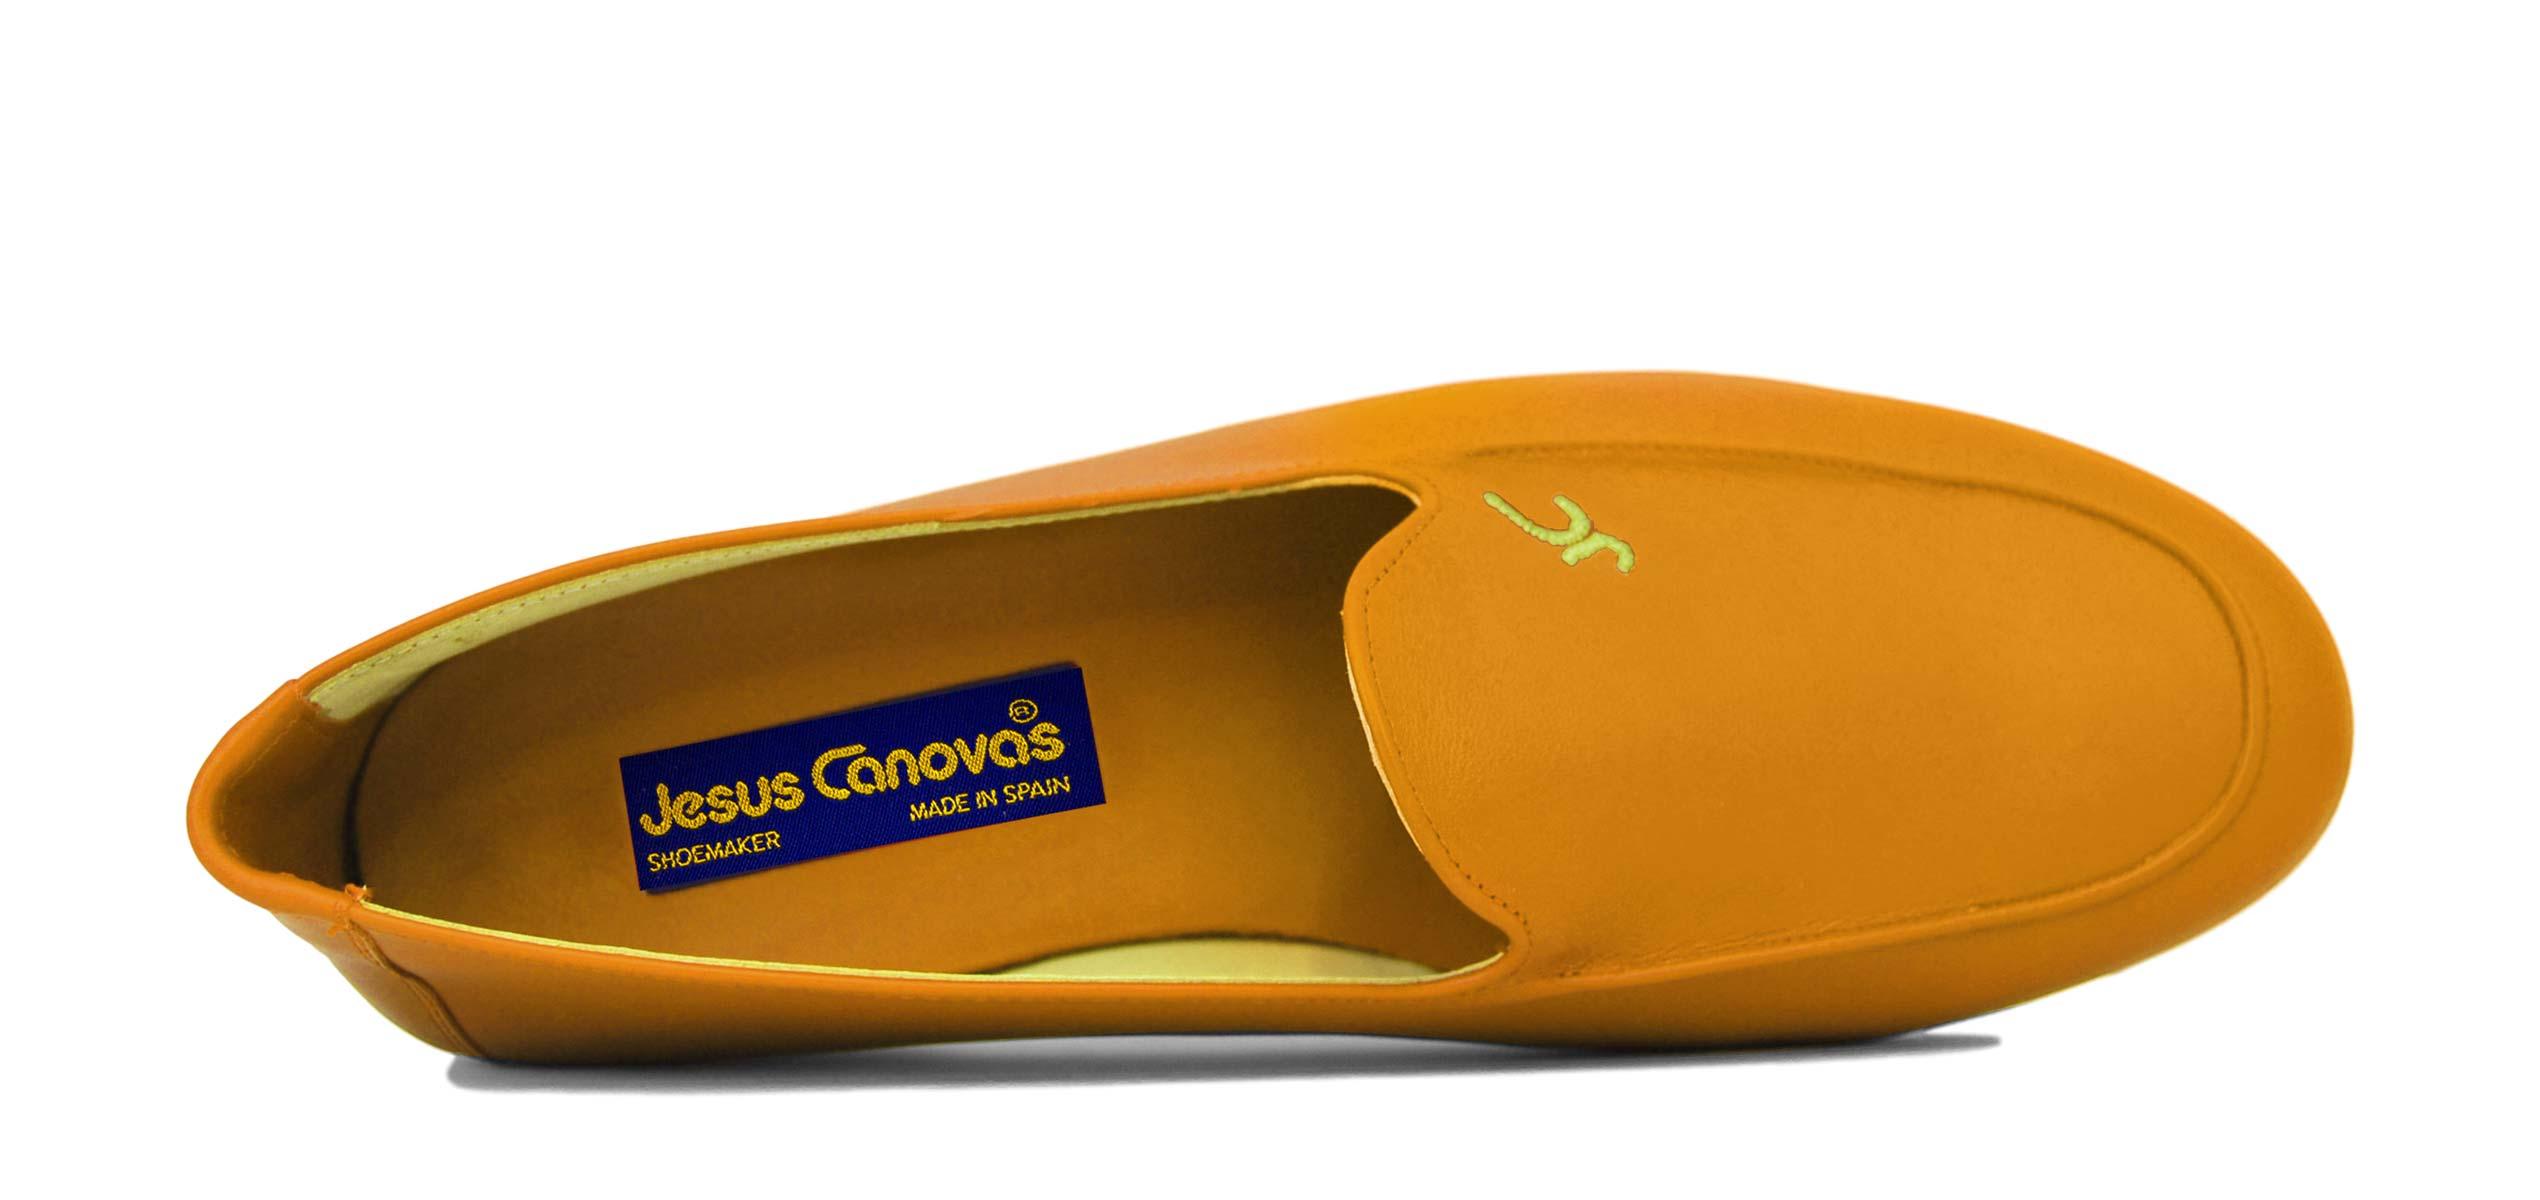 Foto 2 de Zapatos Julio Iglesias 528 JC Golden Napa Piel Original